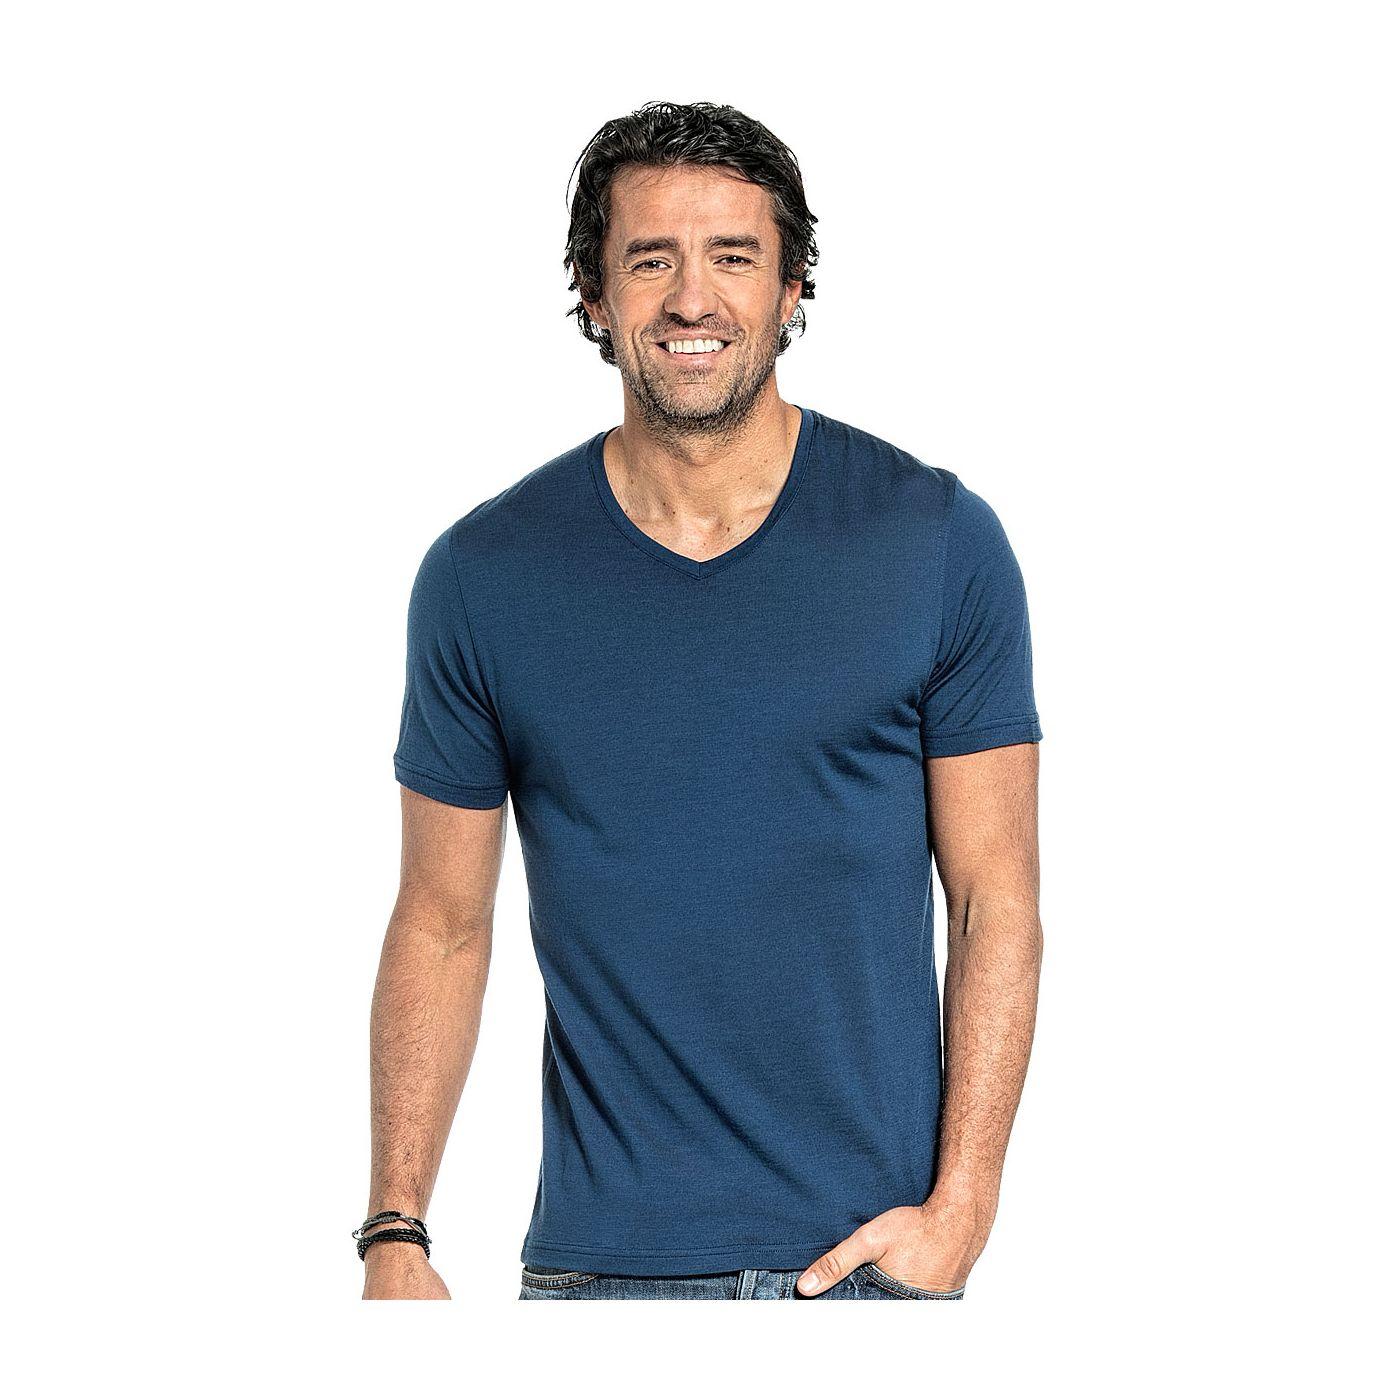 T-shirt met V hals voor mannen gemaakt van merinowol in het Helderblauw